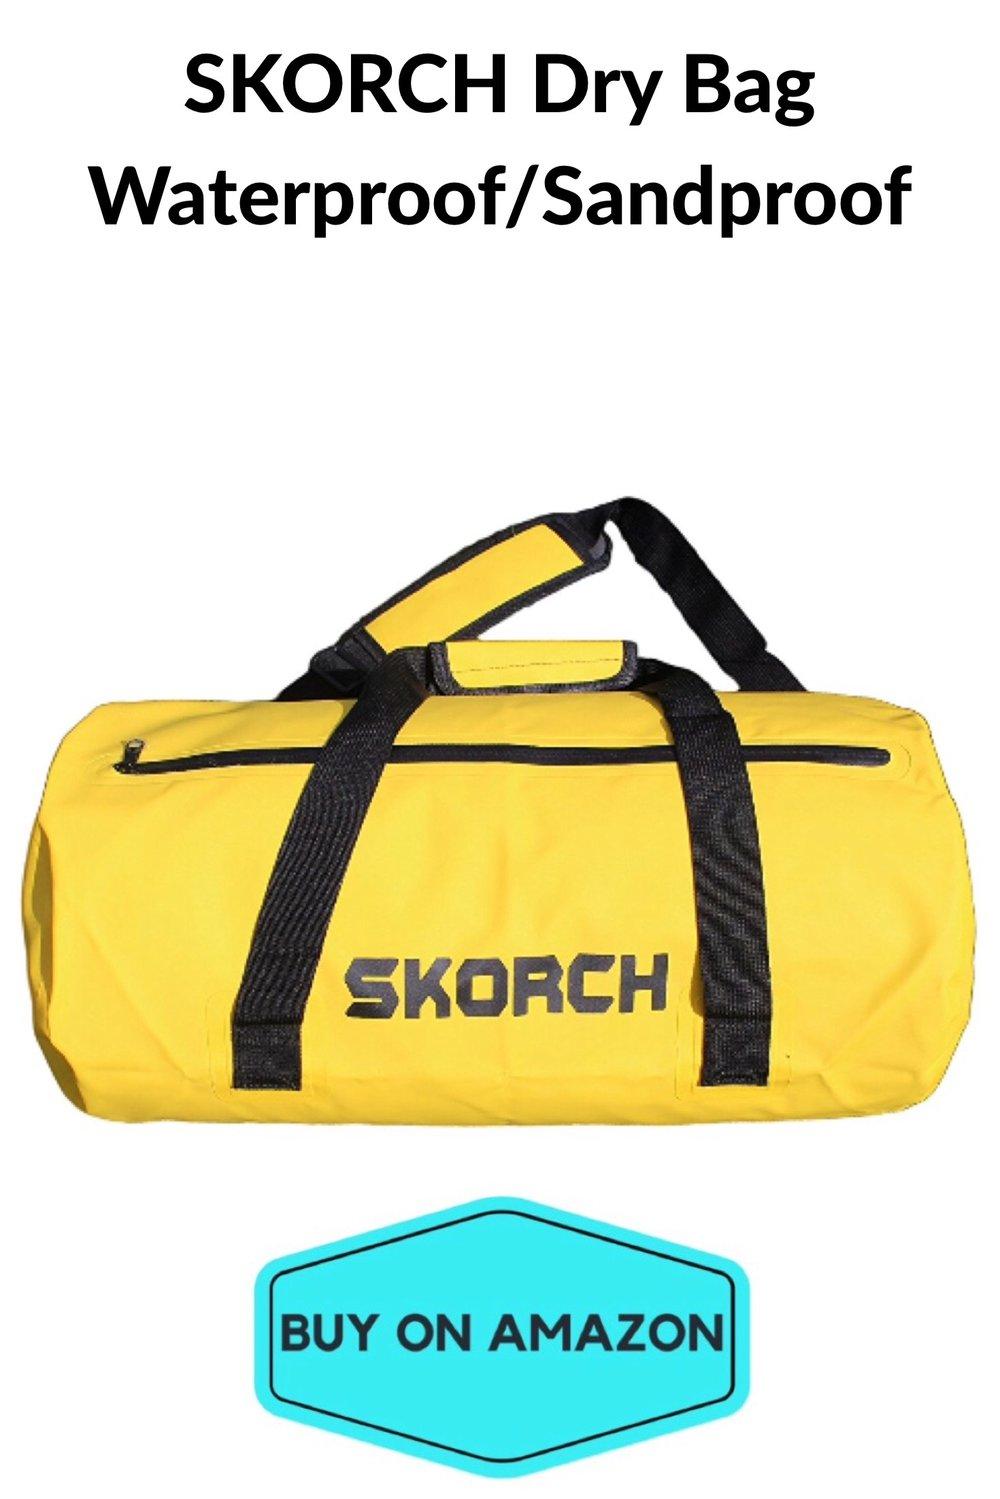 SKORCH Dry Bag: Waterproof/Sandproof